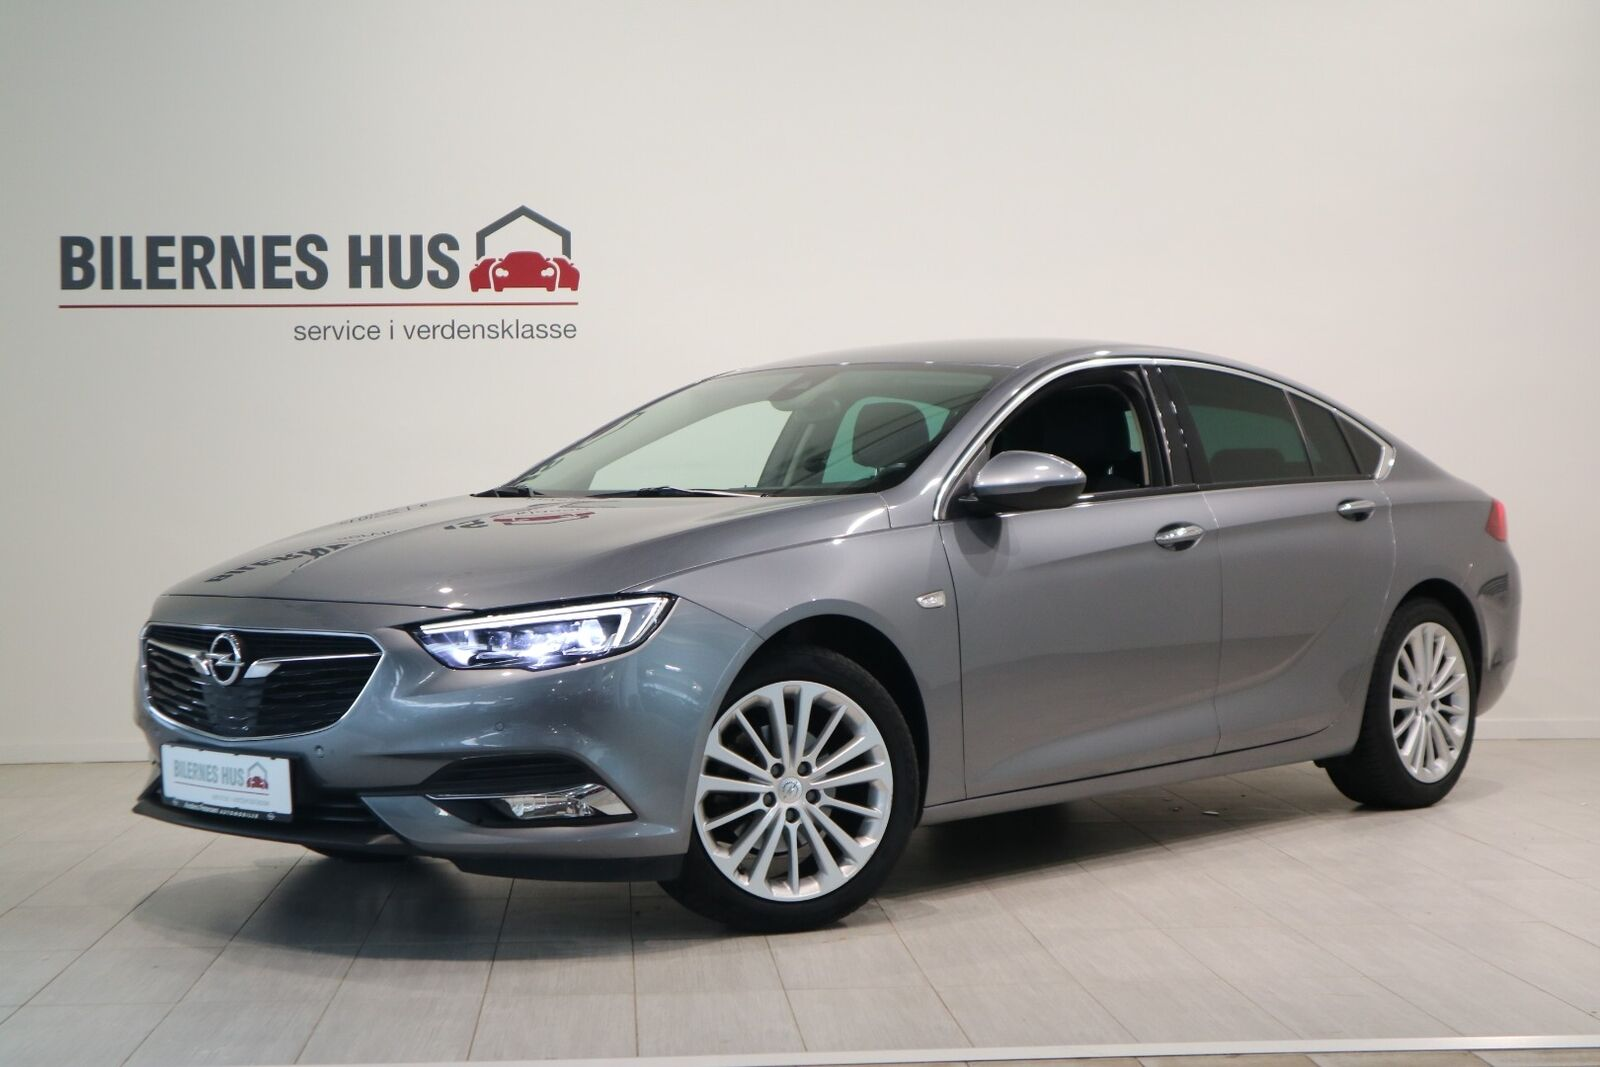 Opel Insignia Billede 0